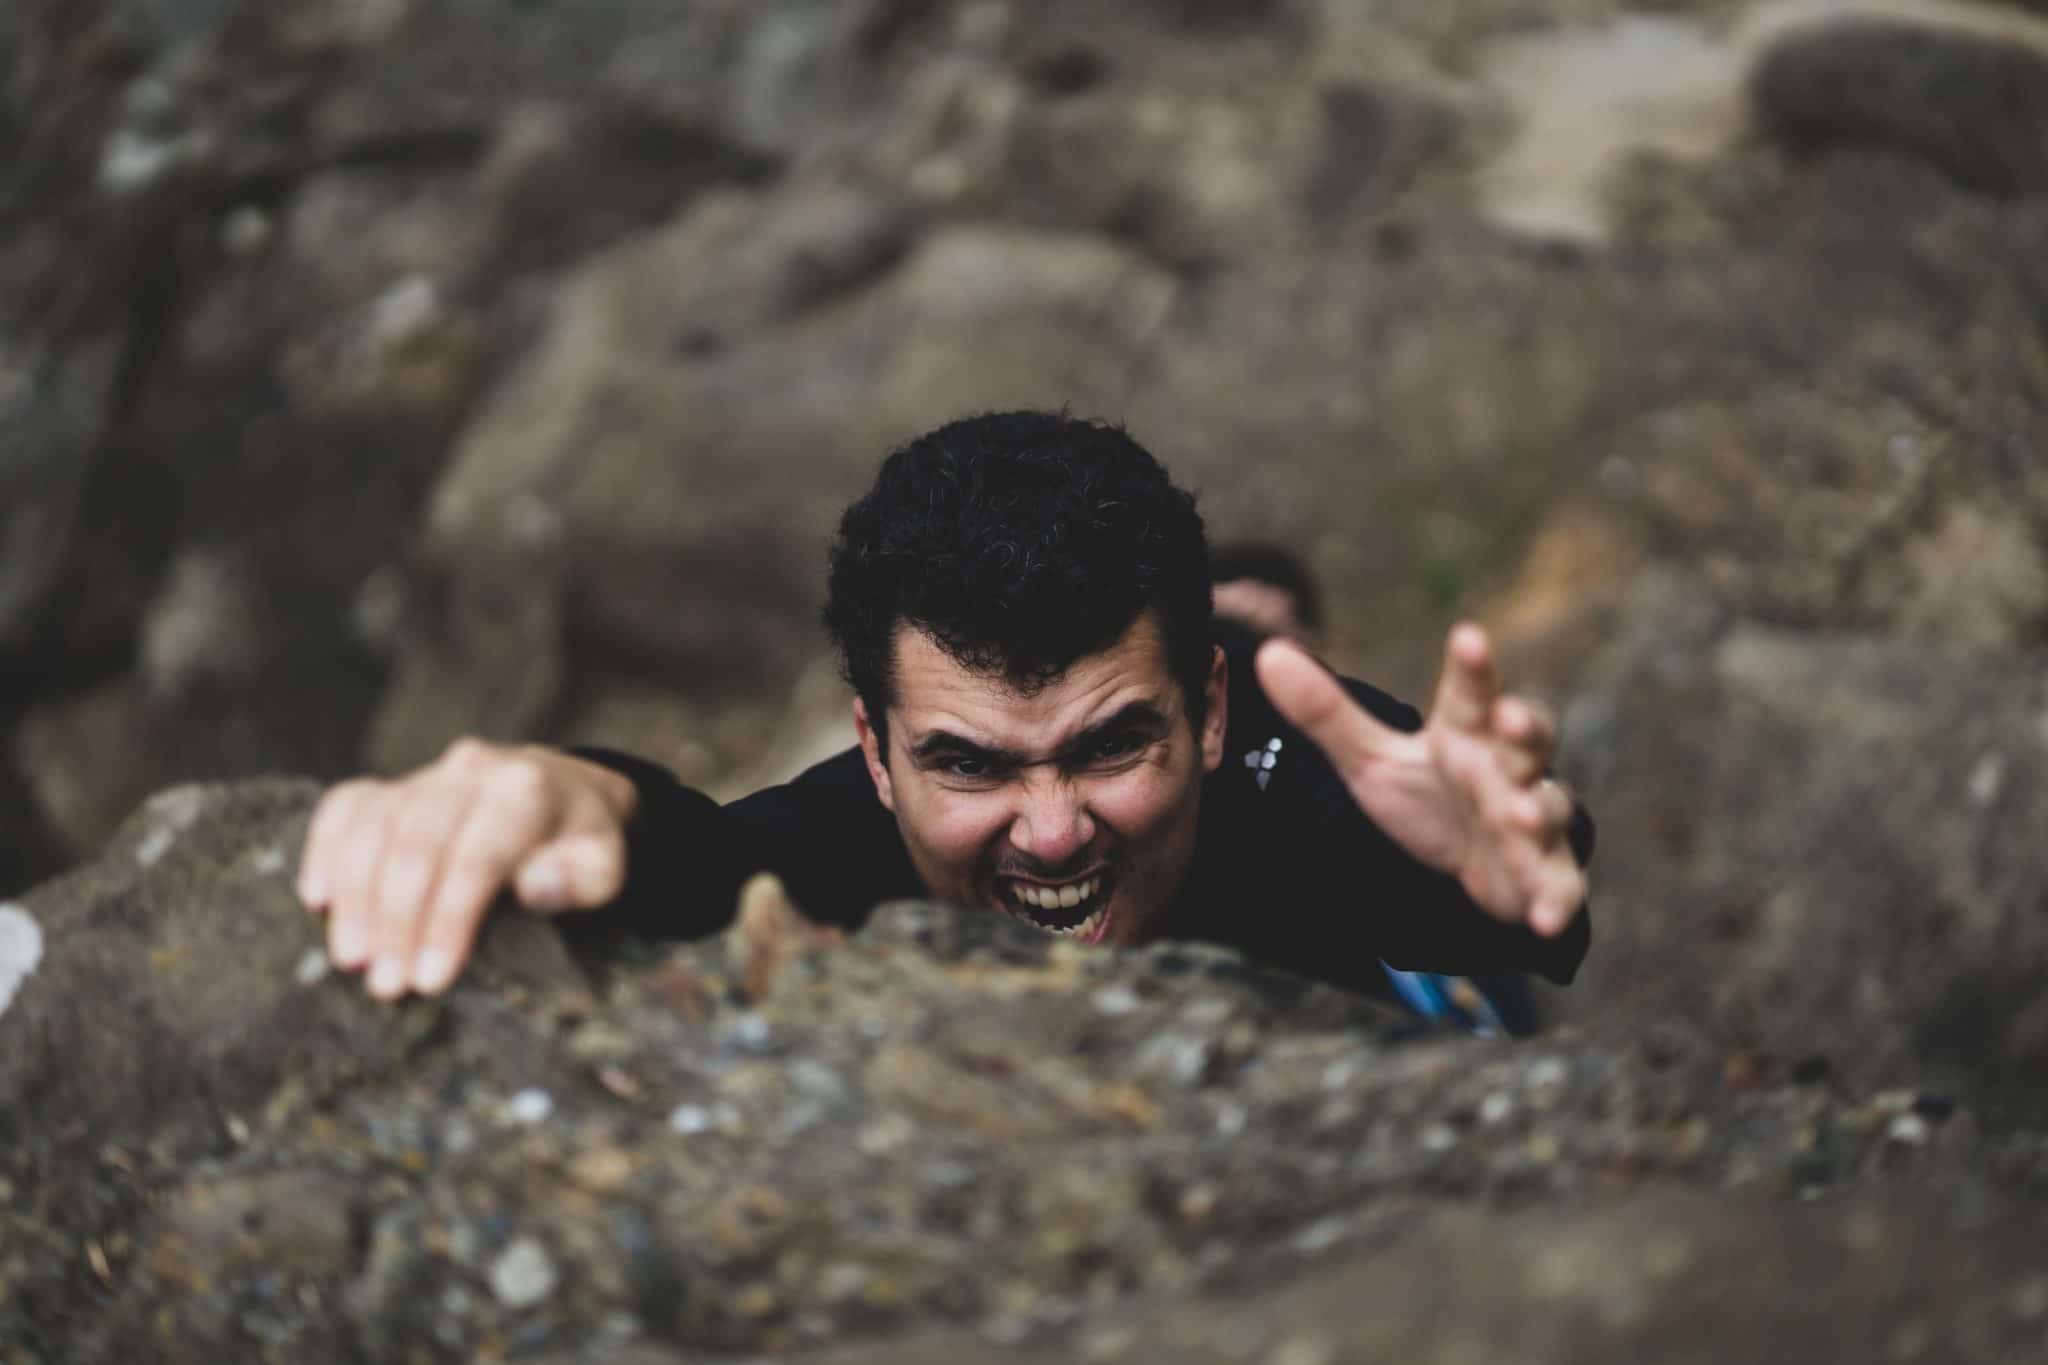 exercices pour gagner en force dans les doigts en escalade